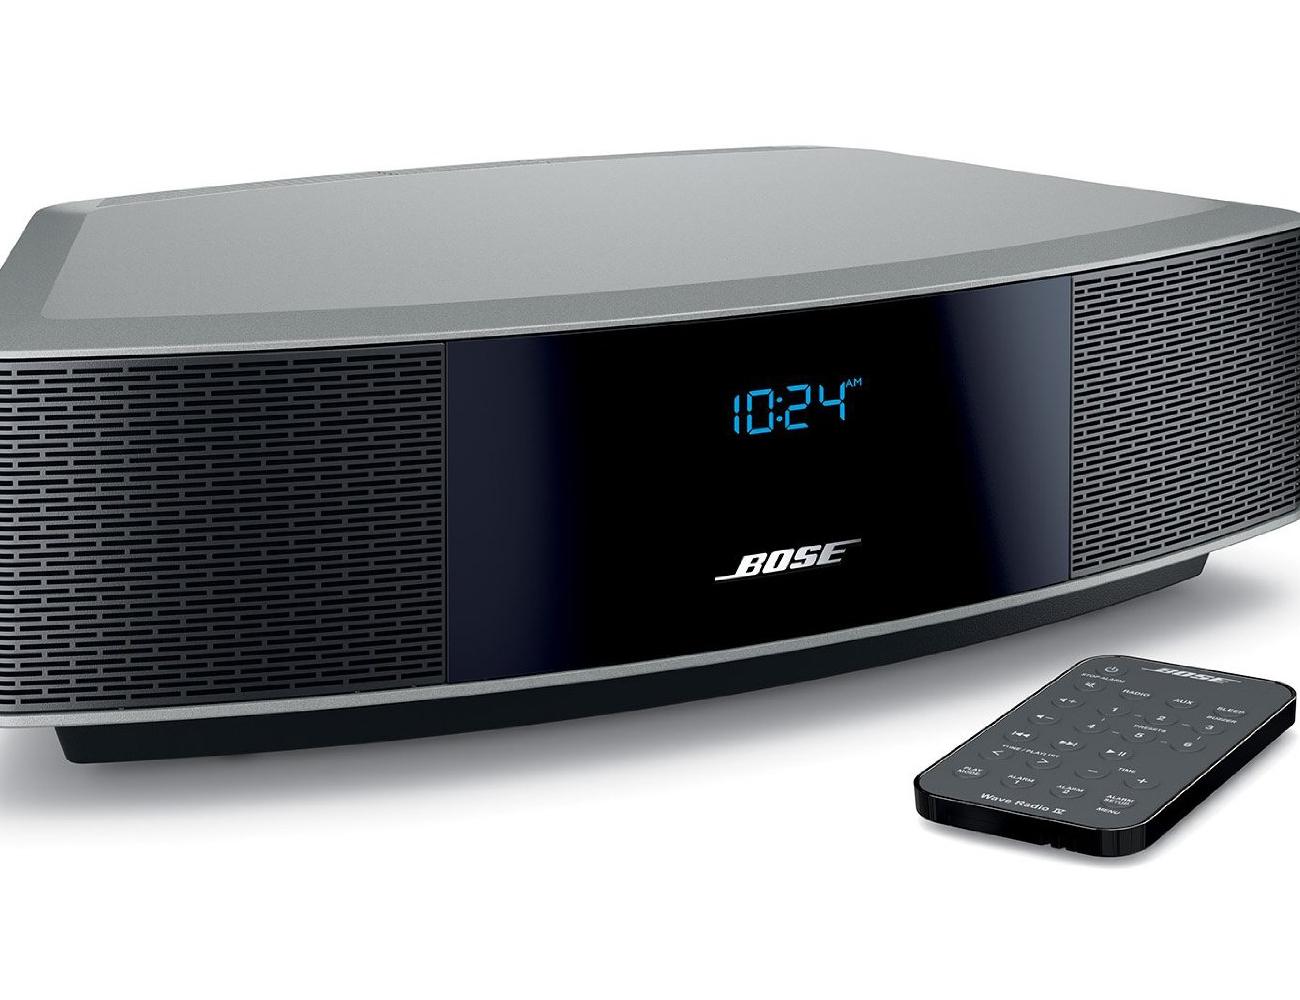 bose-wave-radio-iv-05